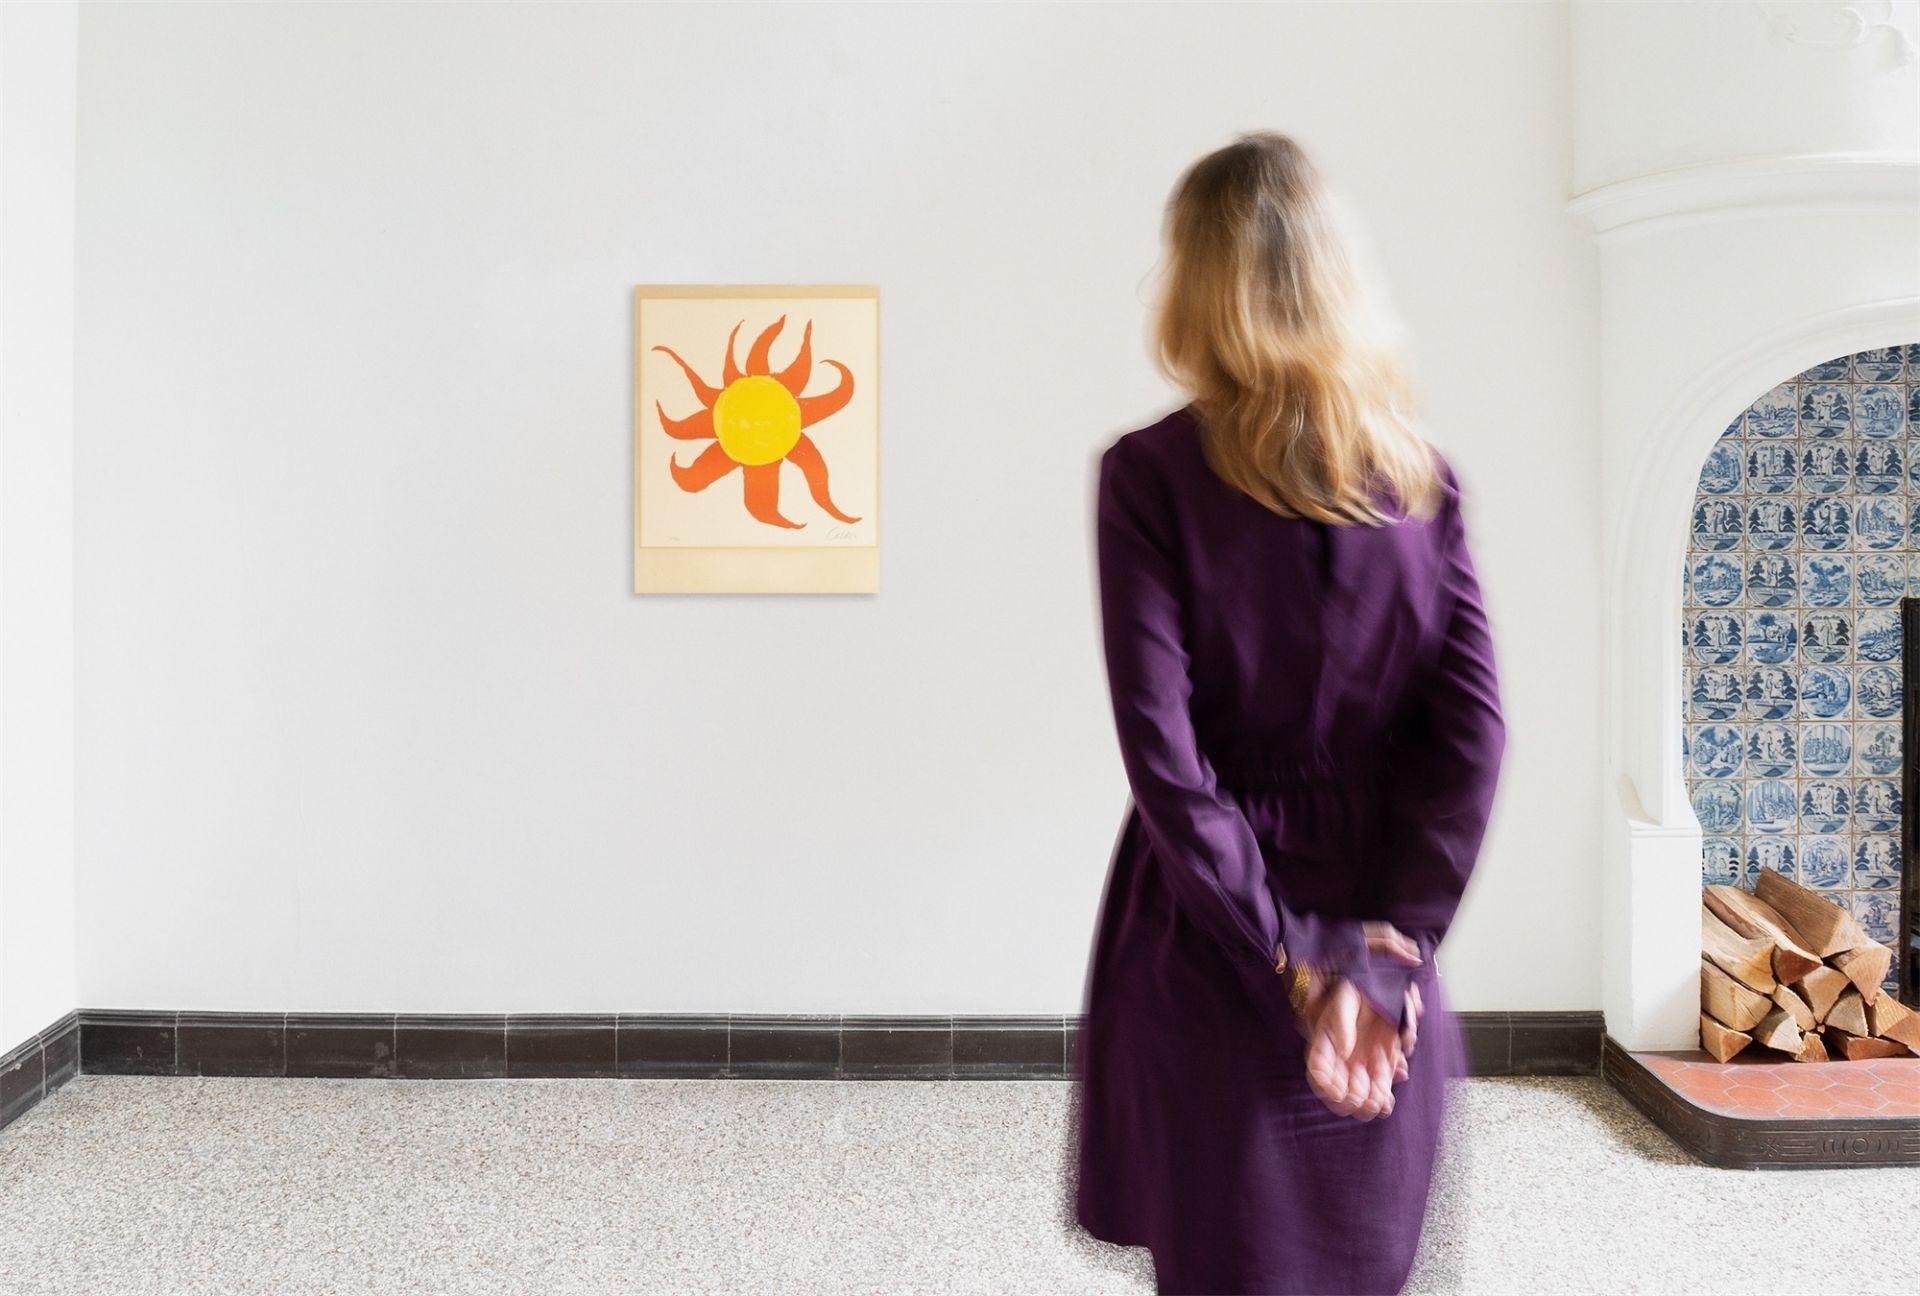 Alexander Calder. Red Sun. 1970 - Image 4 of 4